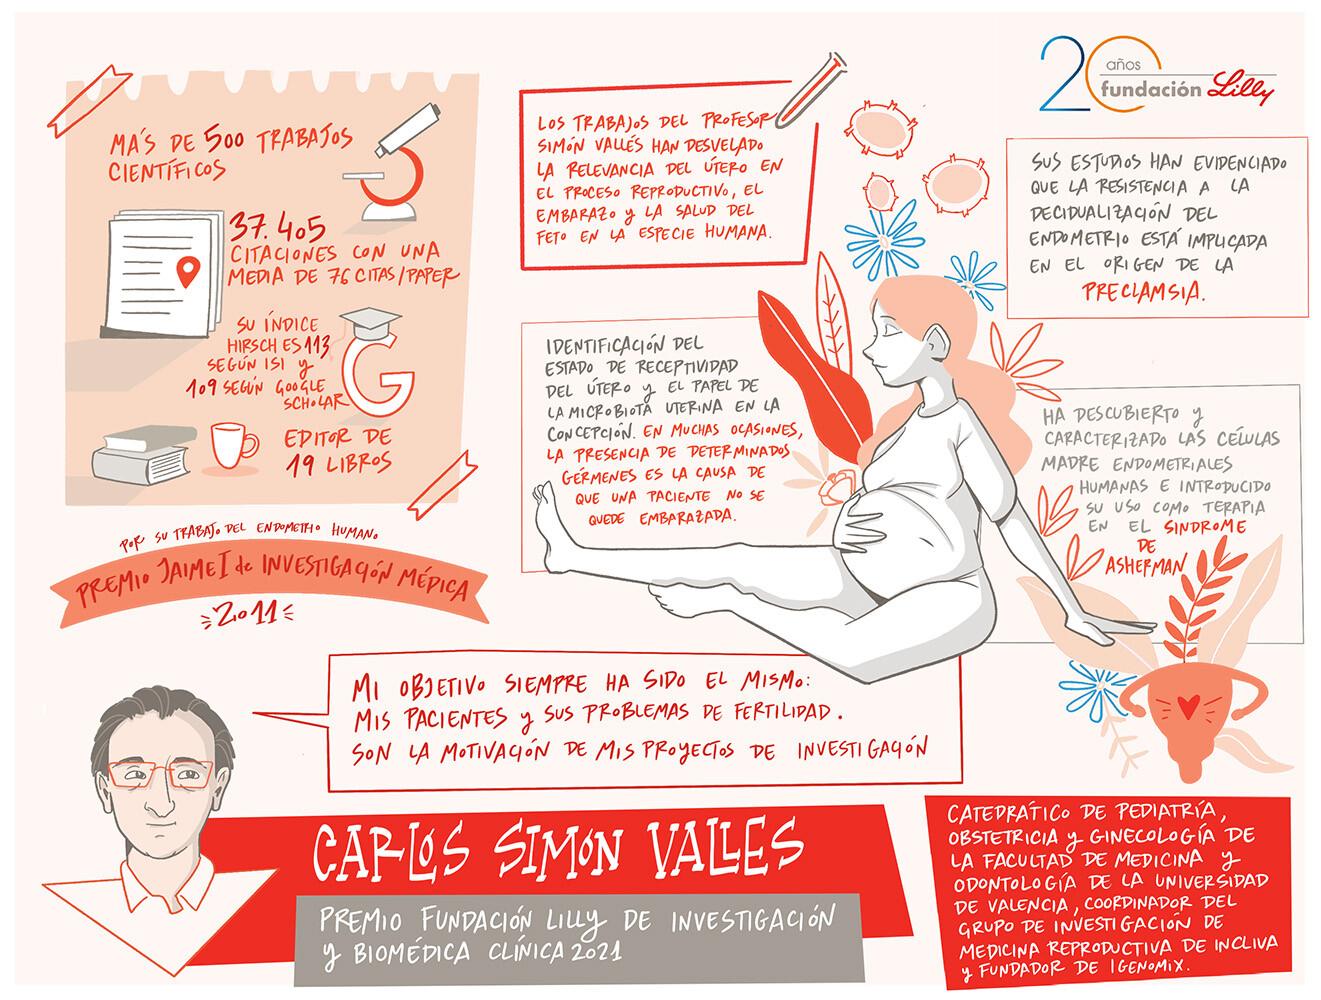 Estudios de Carlos Simón sobre el embarazo